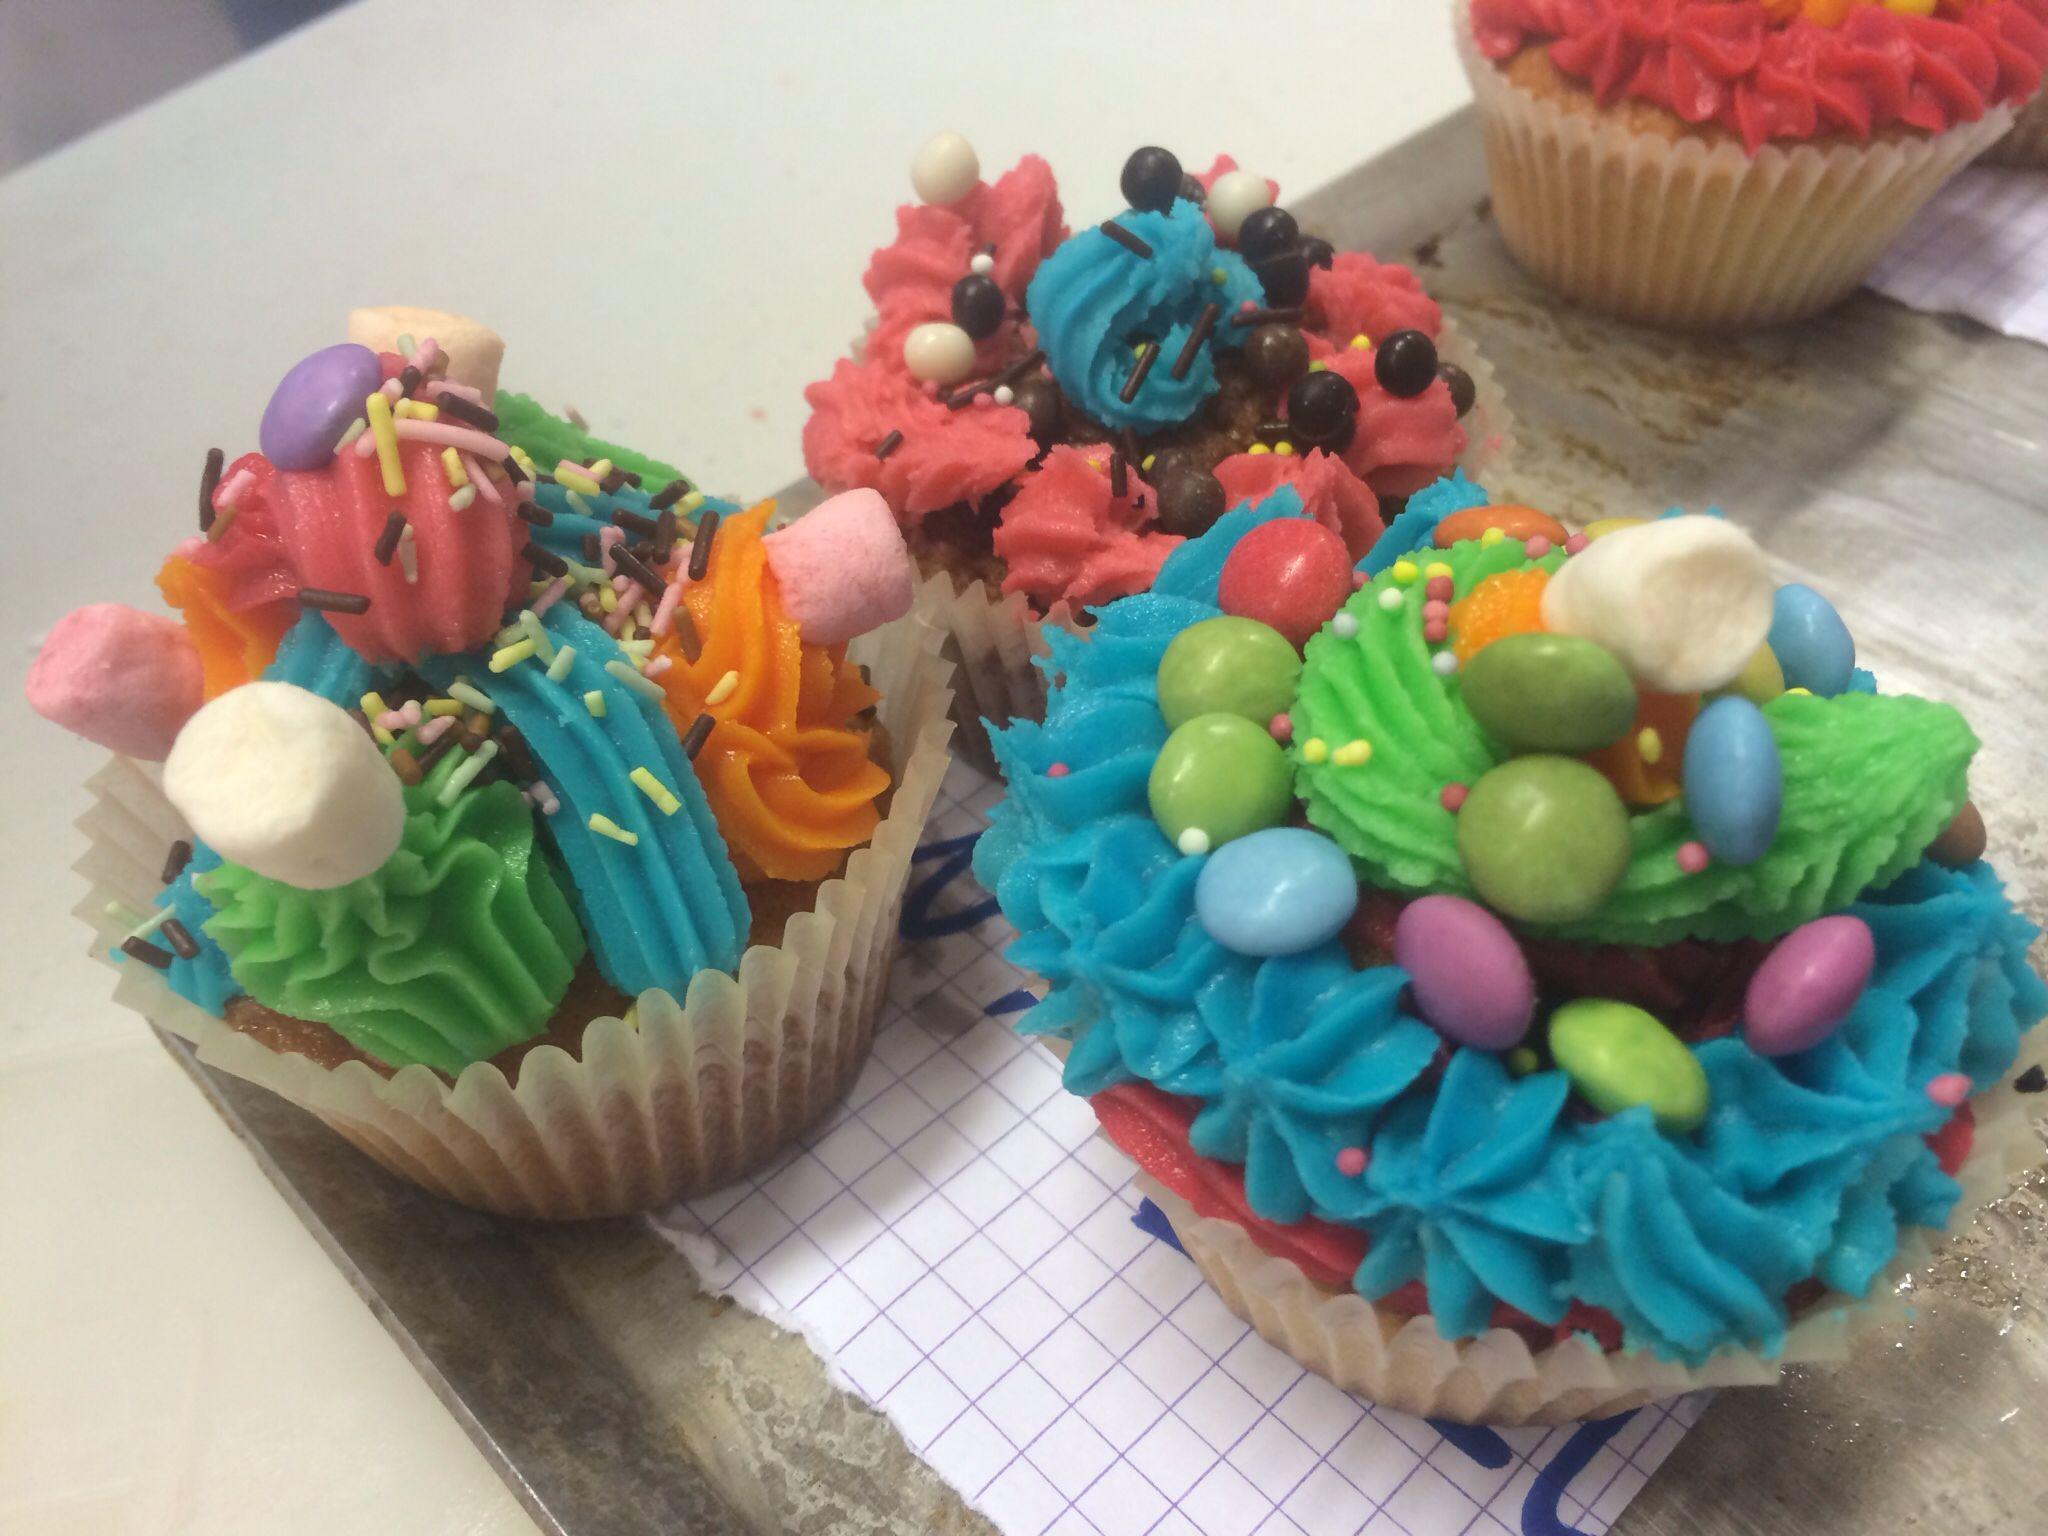 Cours enfant cup cakes cours de cuisine pour enfants - Cours de cuisine enfant ...